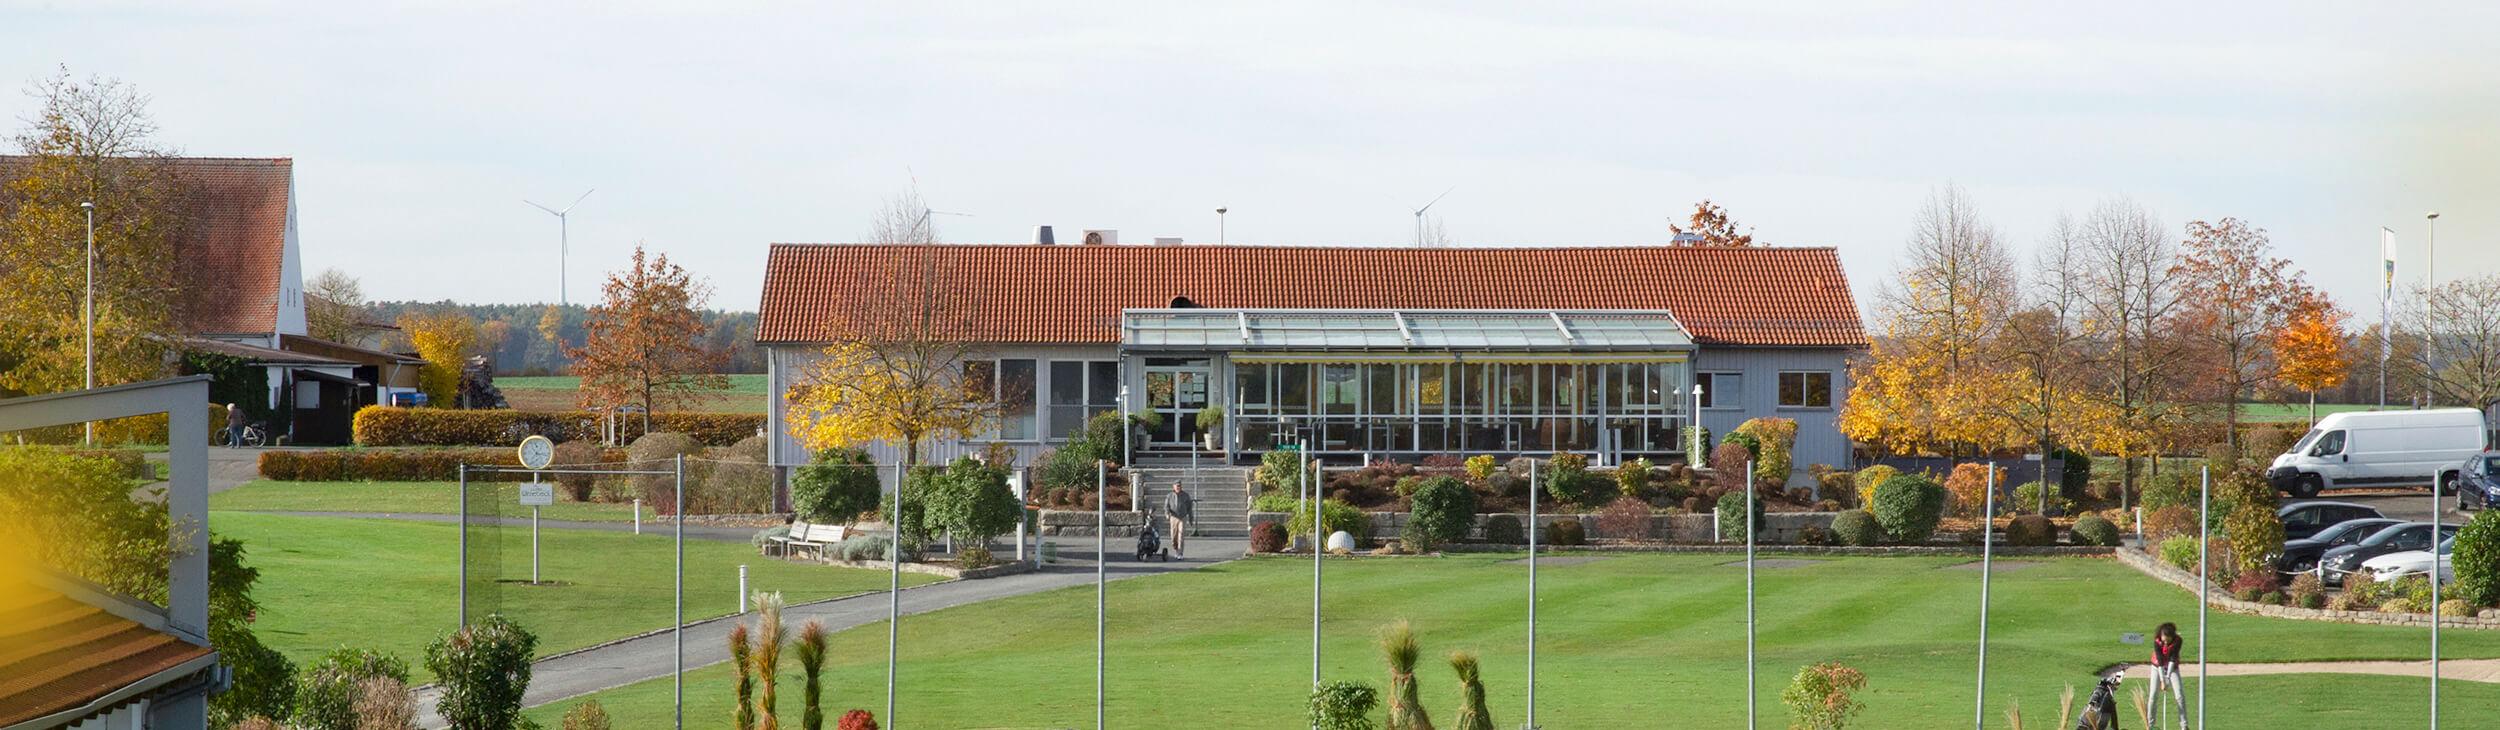 Golf-Club Herzogenaurach | Oeffnungszeiten